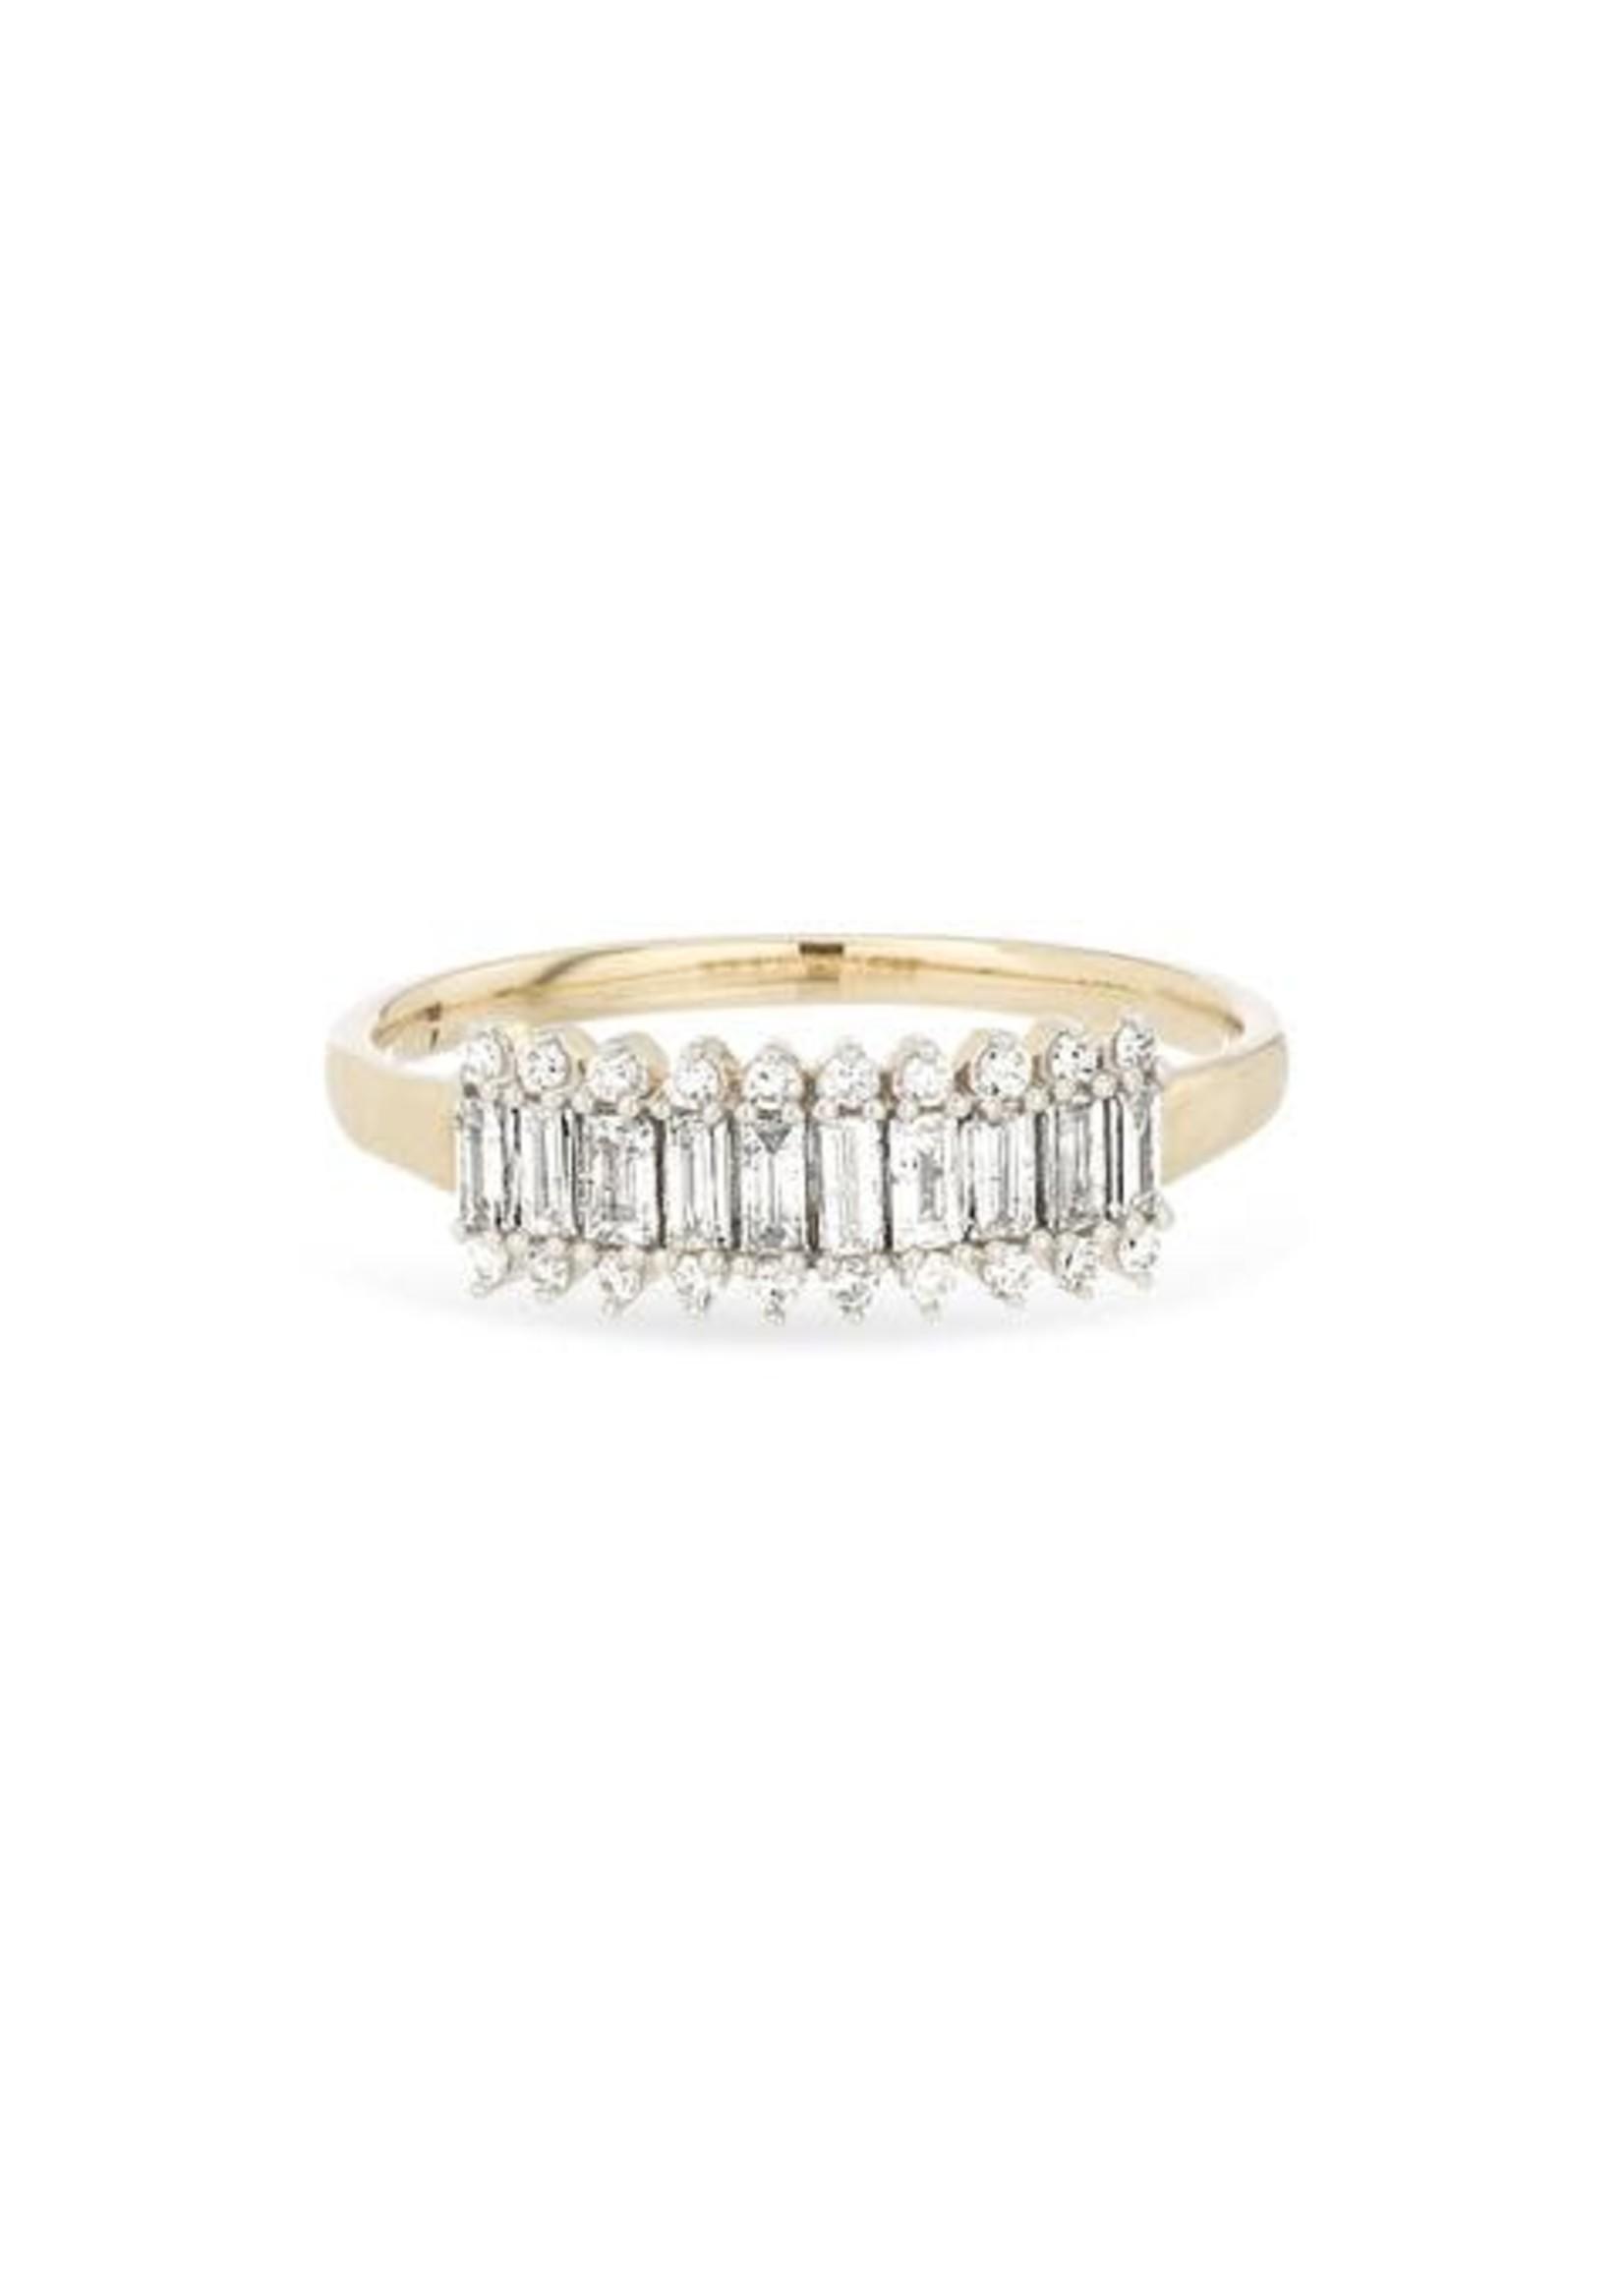 Adina Reyter Short Stack Baguette Ring